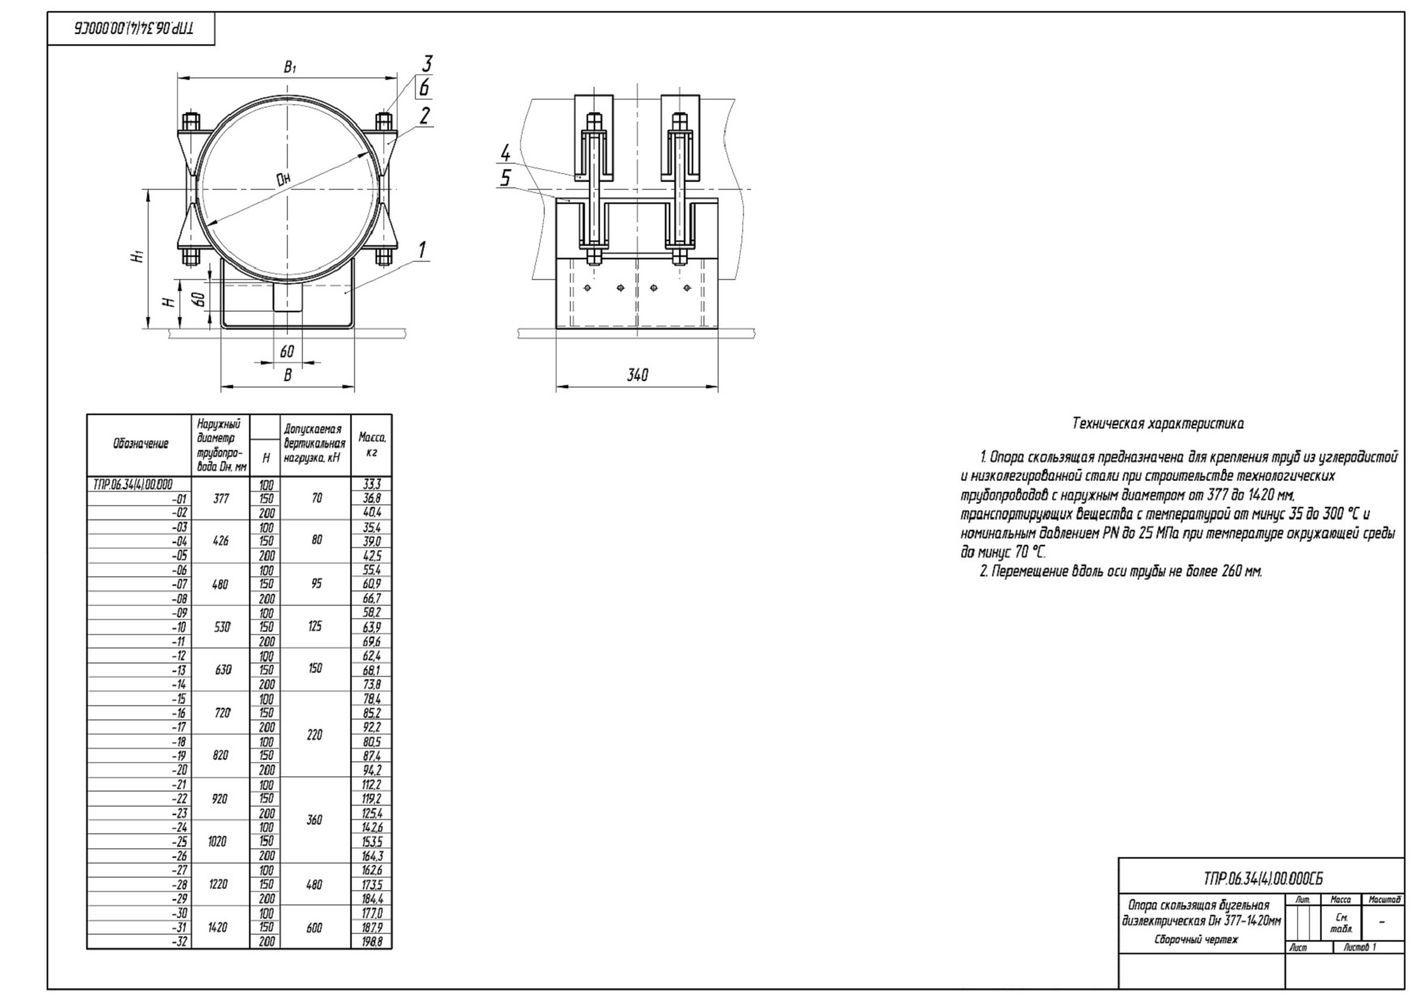 ТПР.06.34(4).00.000 Опоры скользящие бугельные диэлектрические трубопроводов Дн 377-1420 мм